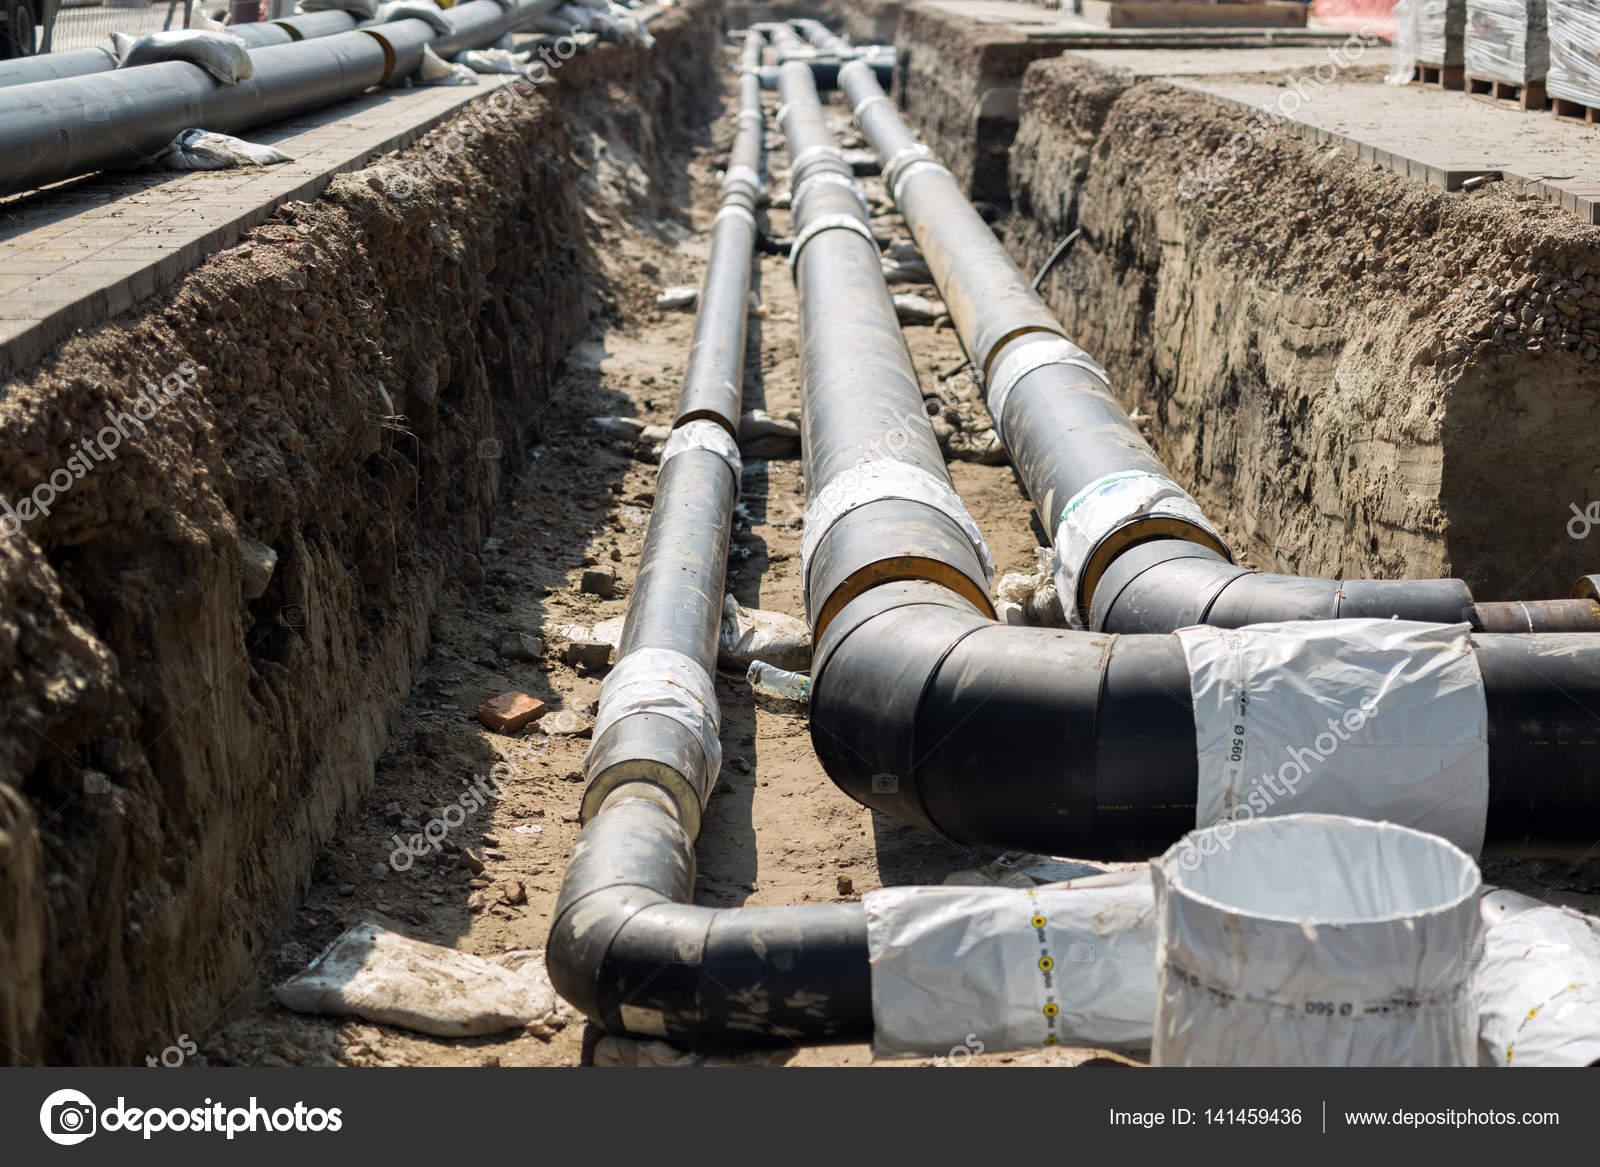 Grounding Gas Pipe - Acpfoto